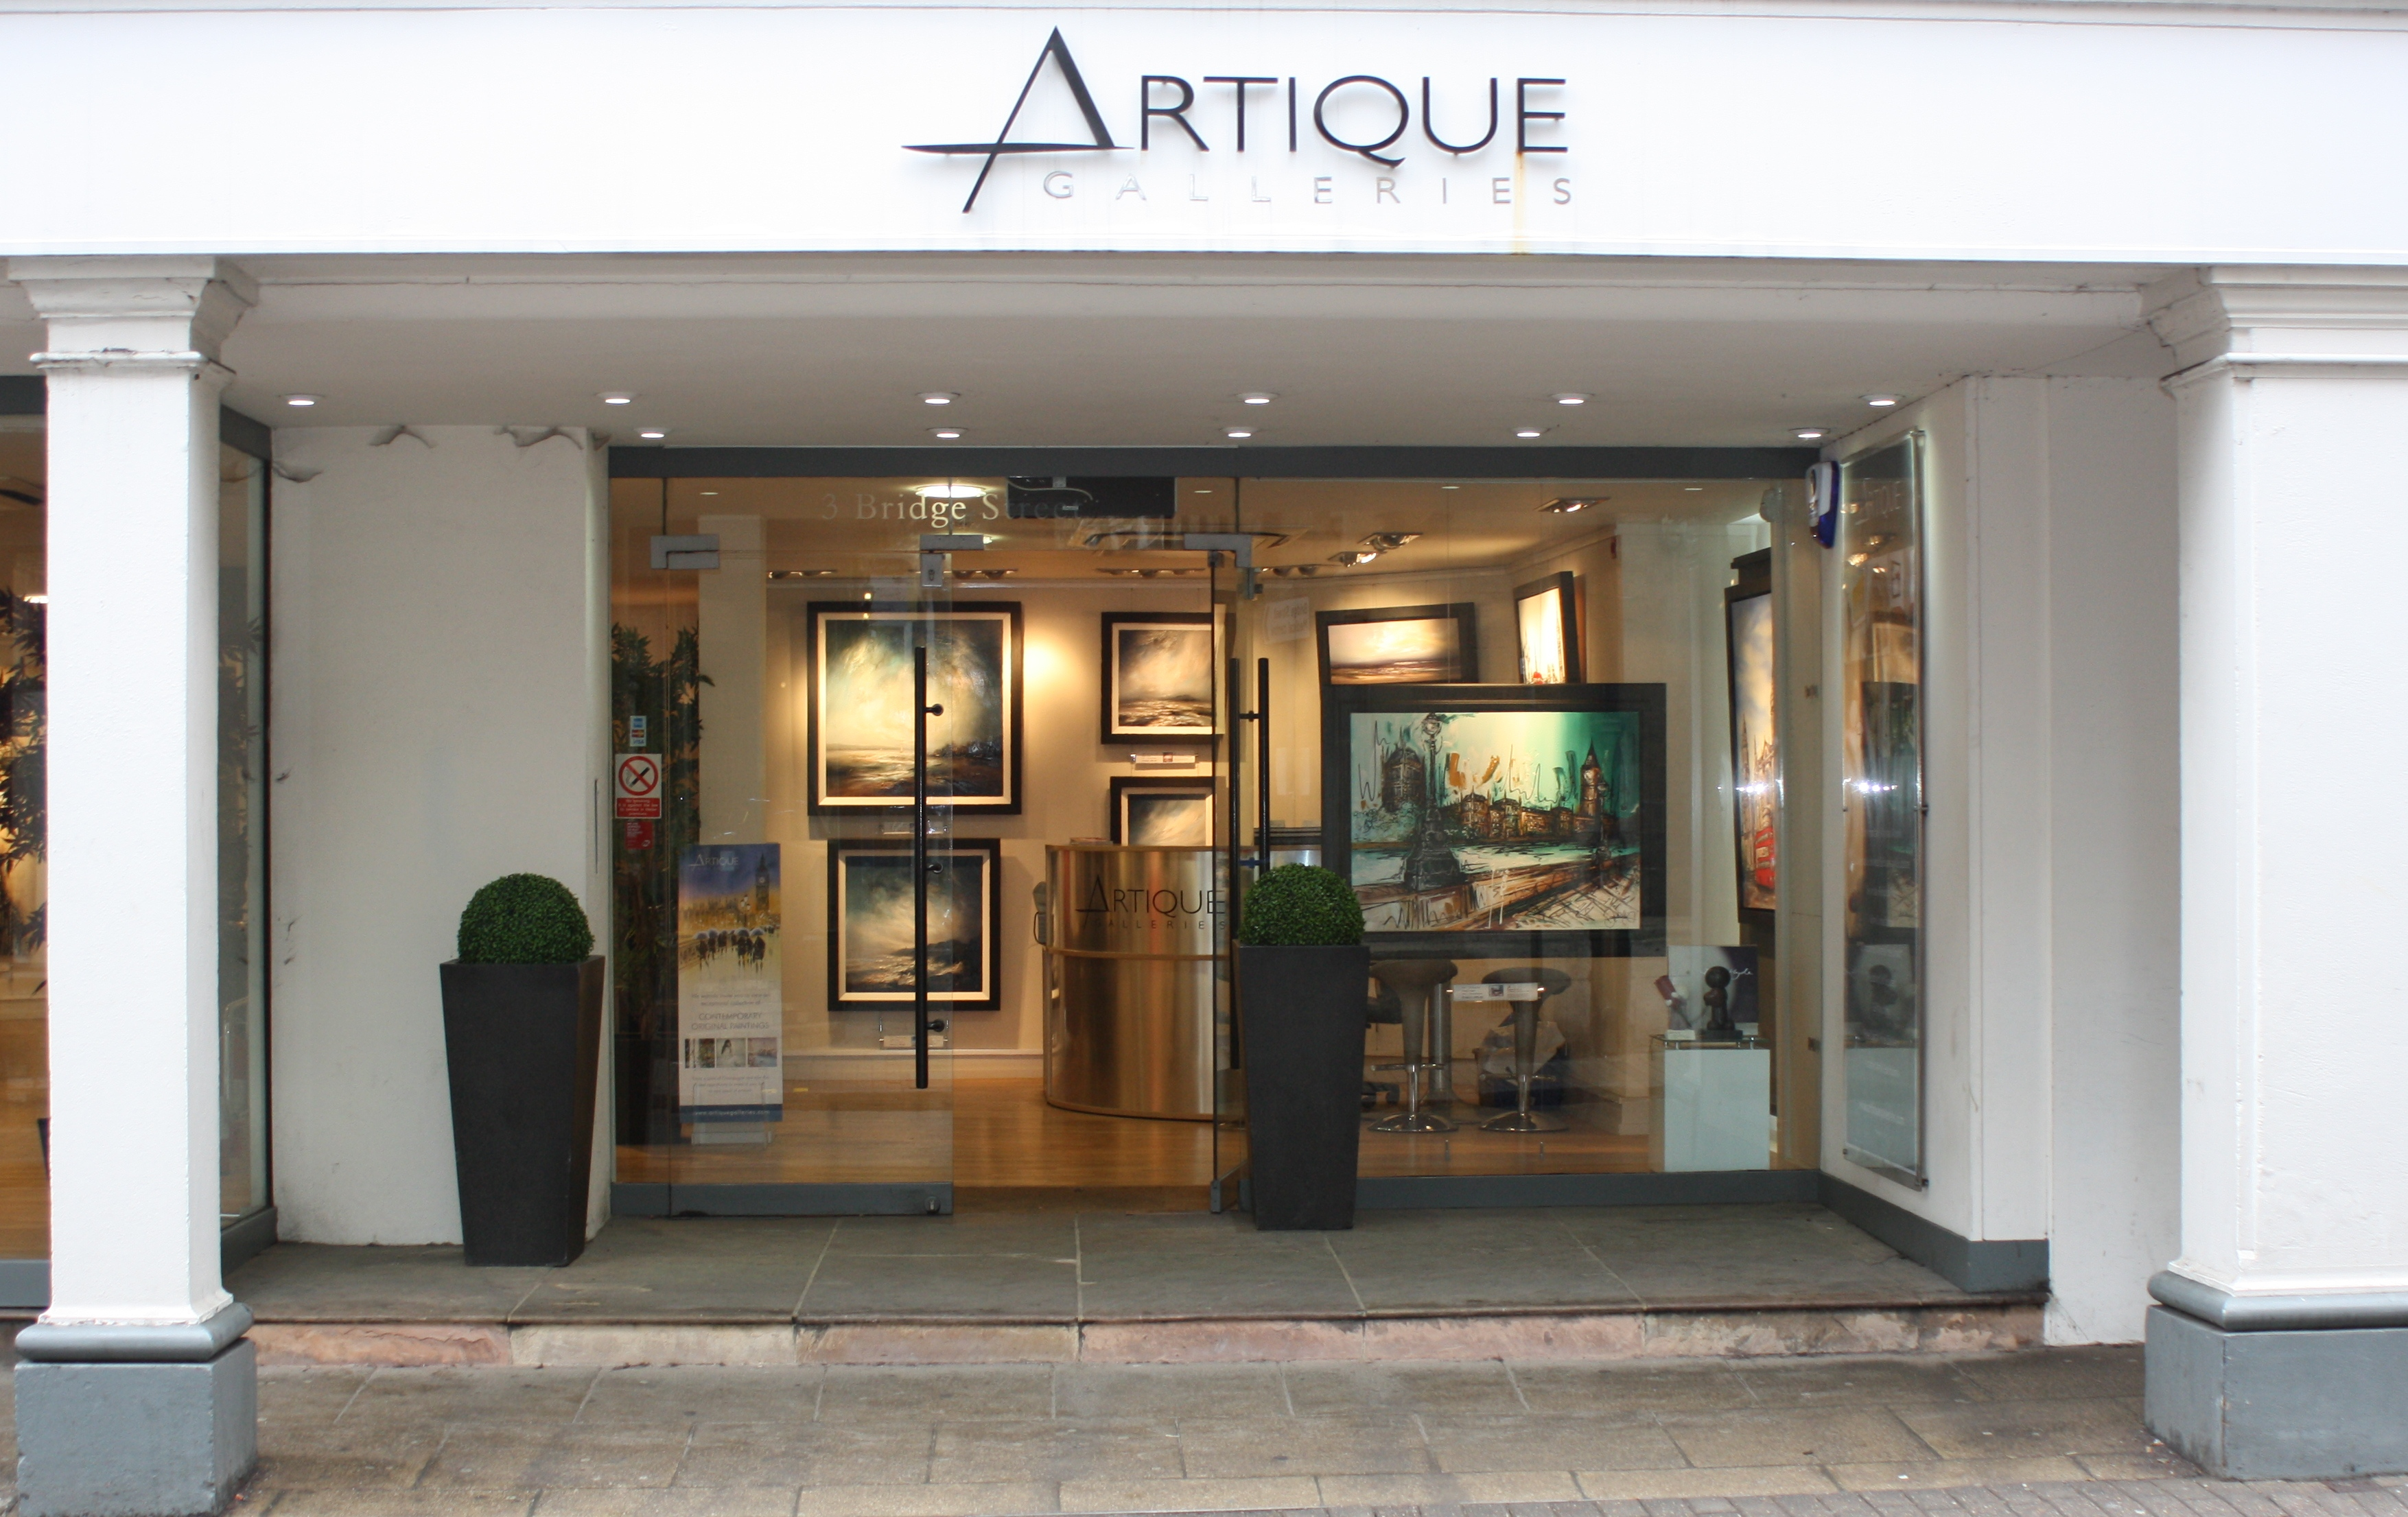 Artique Galleries Cambridge